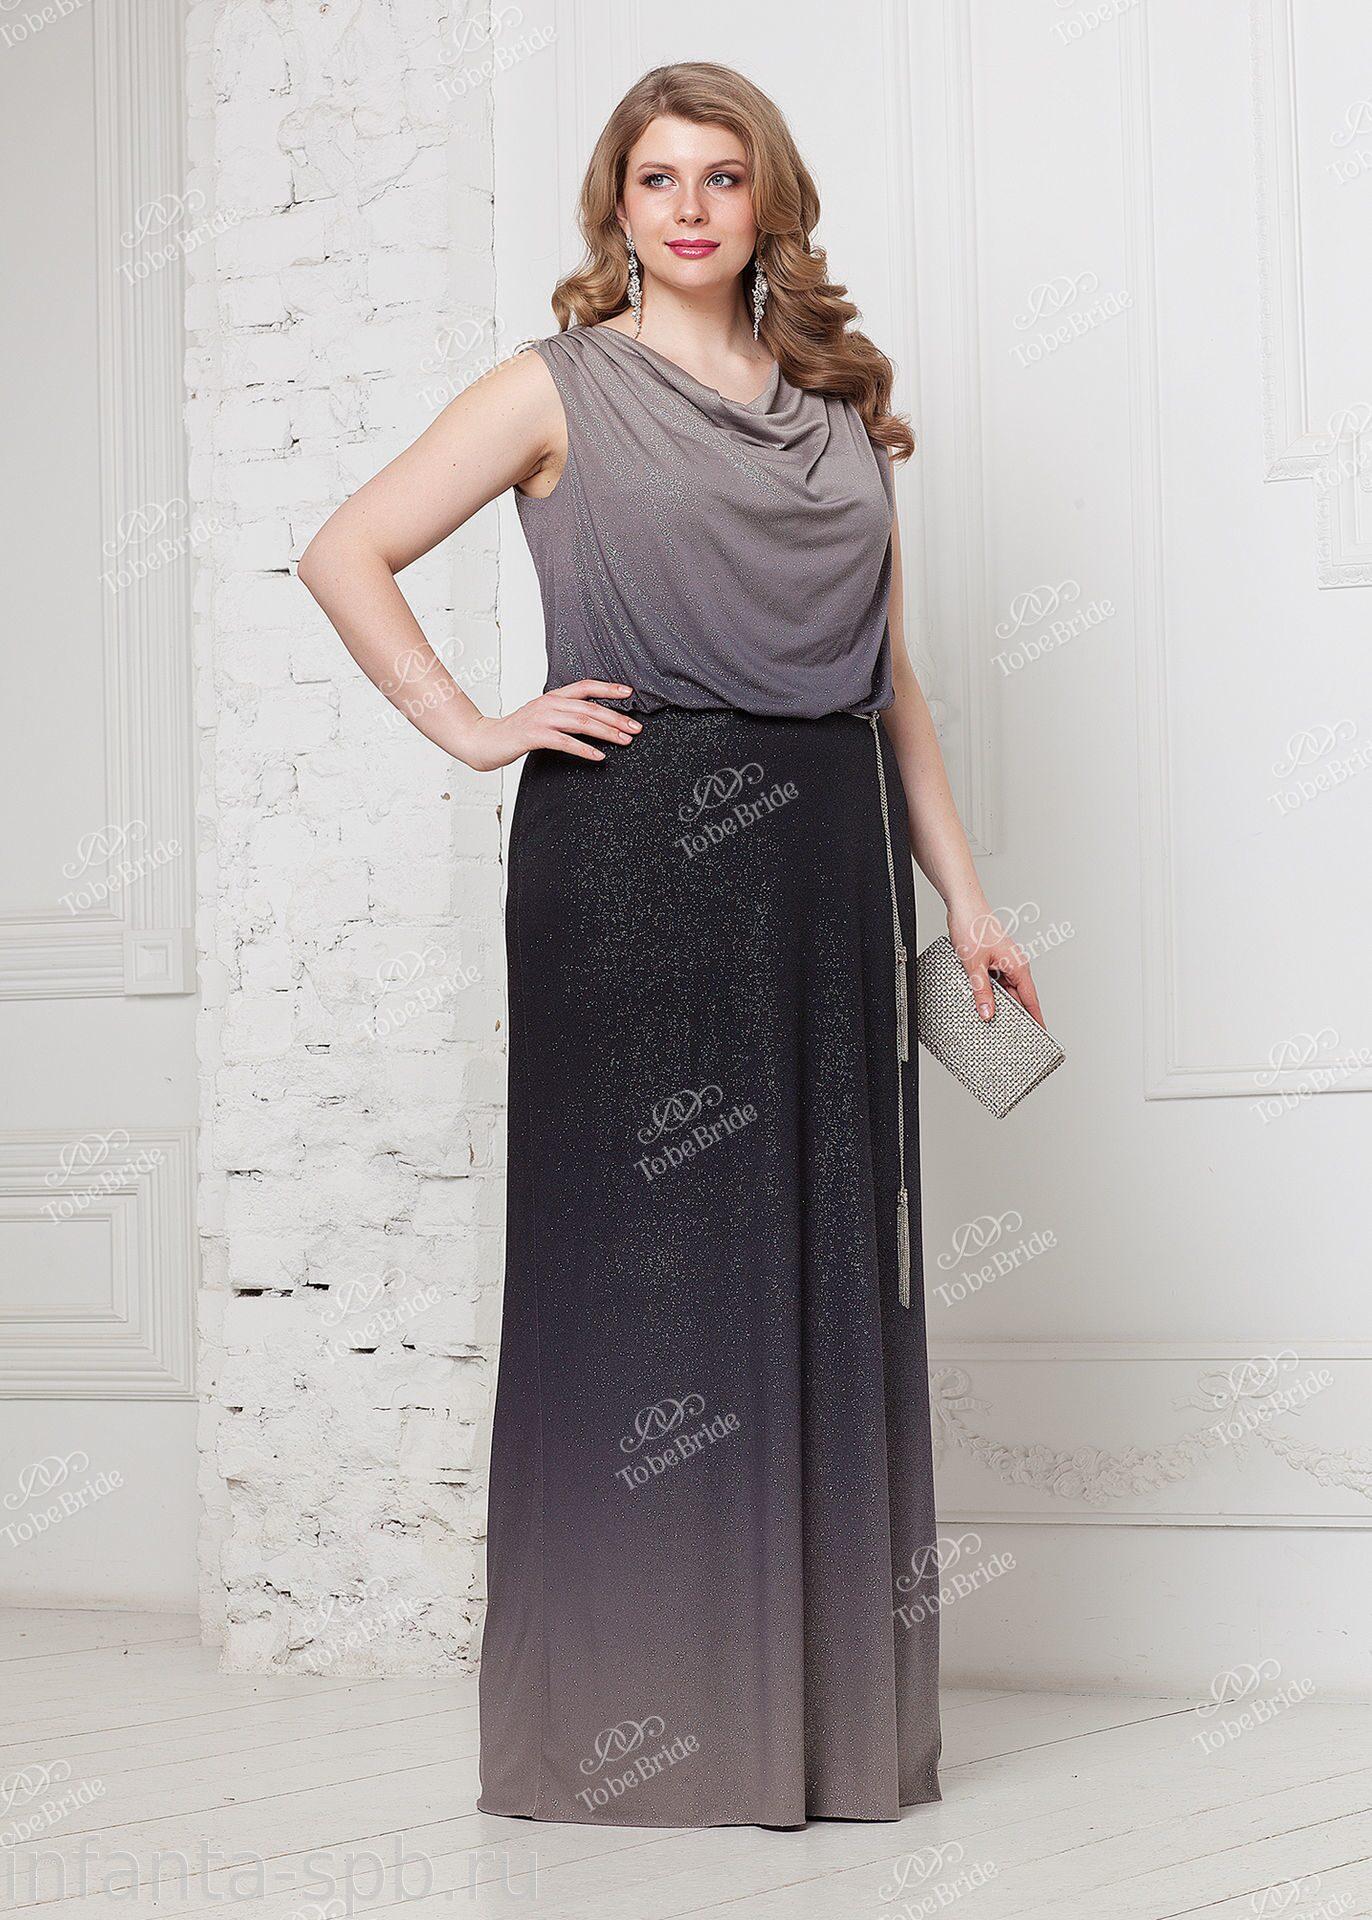 Купить платье с переходом